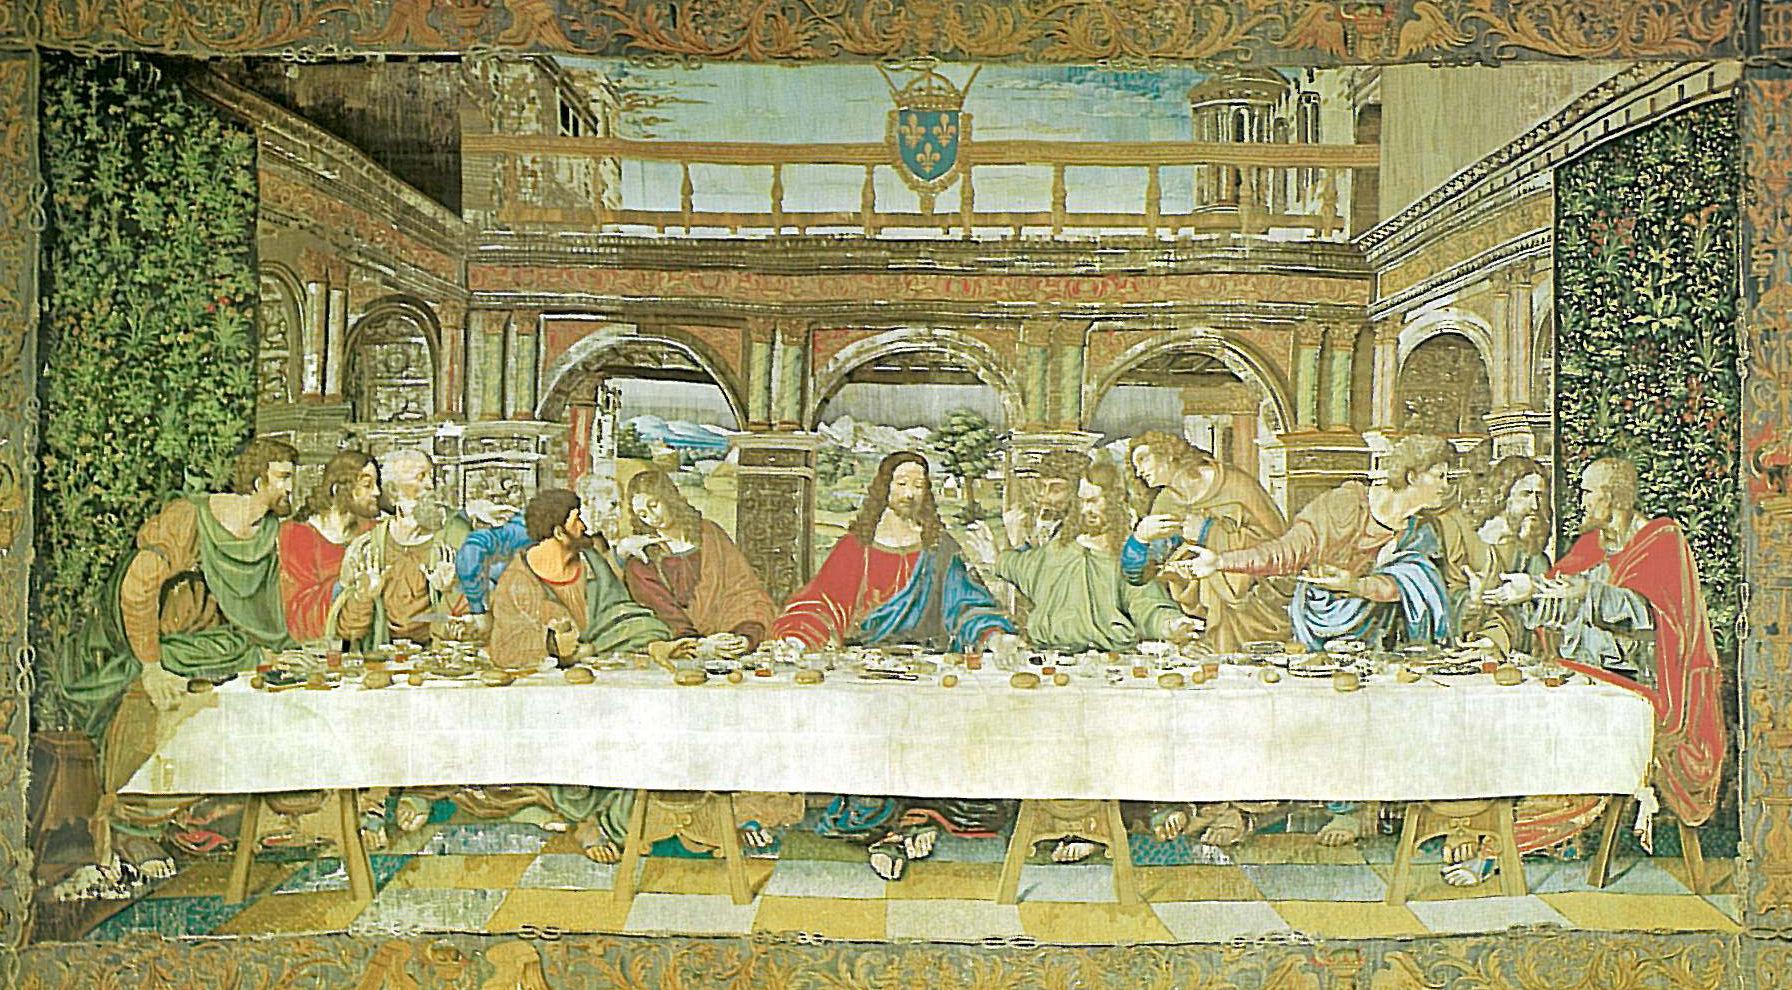 Gemälde Das Letzte Abendmahl